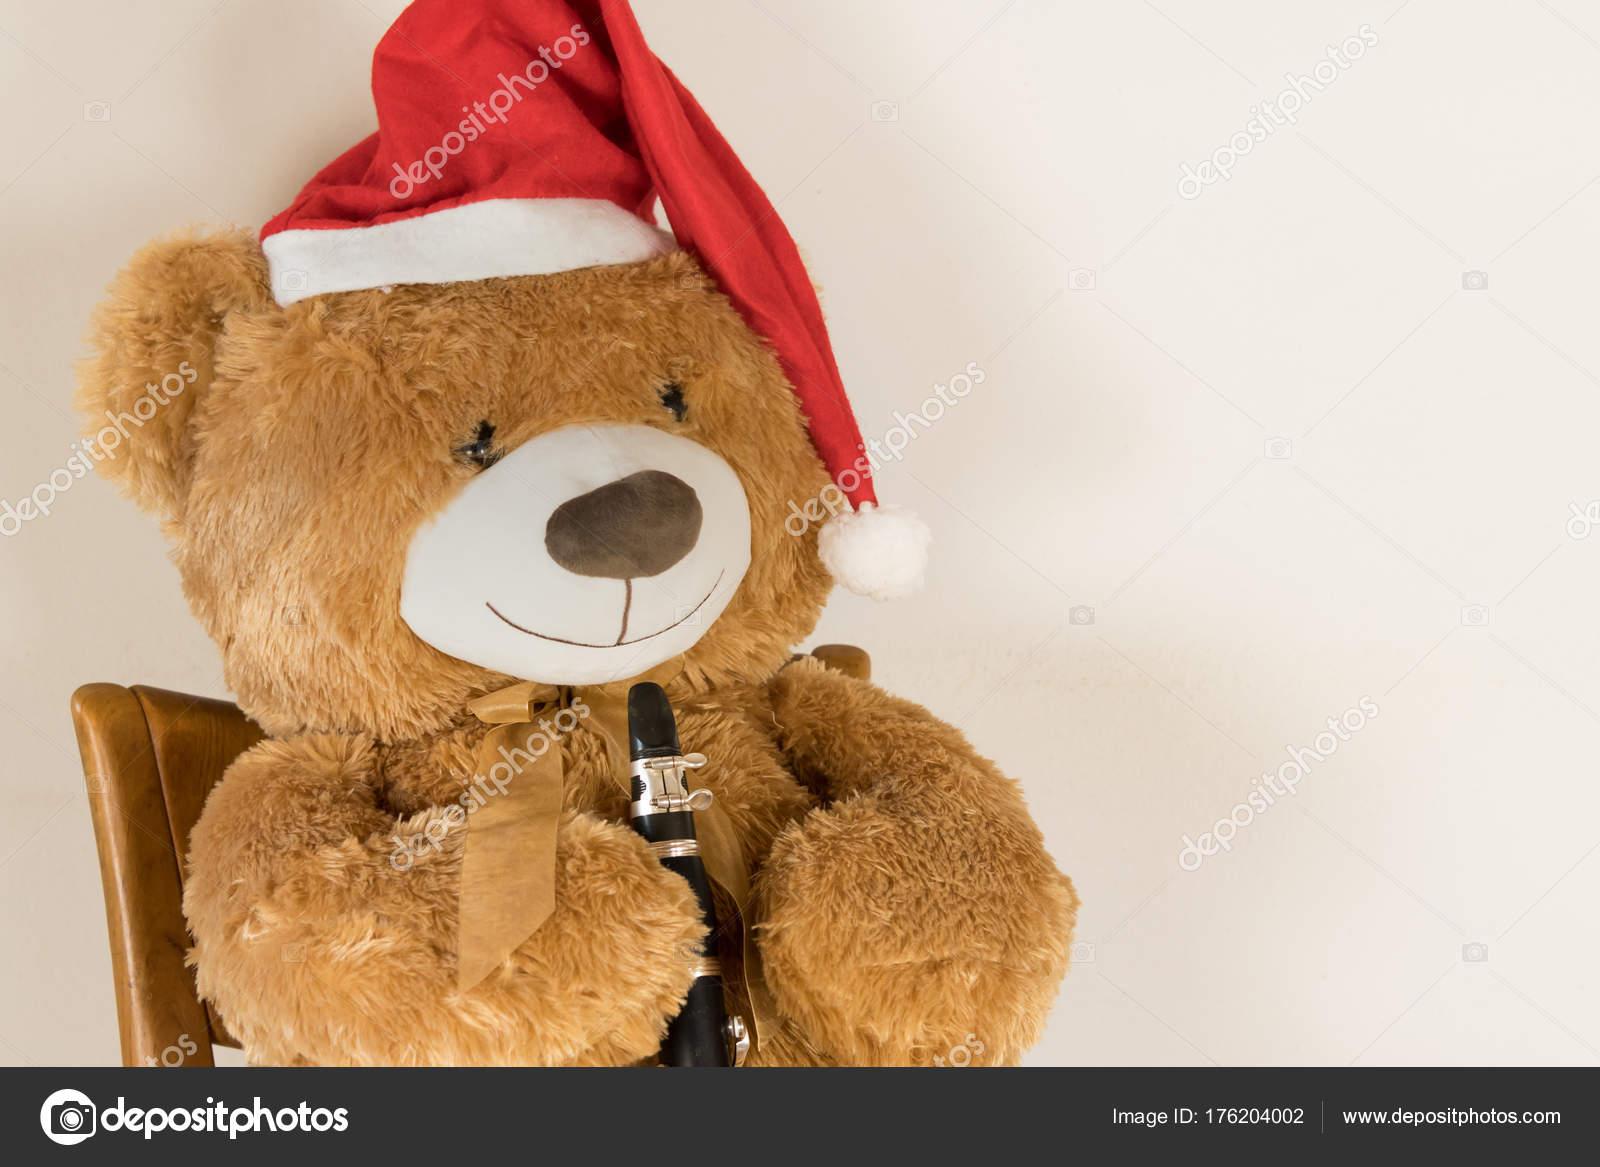 Feliz Navidad Clarinete.Peluche Oso Con Gorro De Navidad Clarinete Foto De Stock